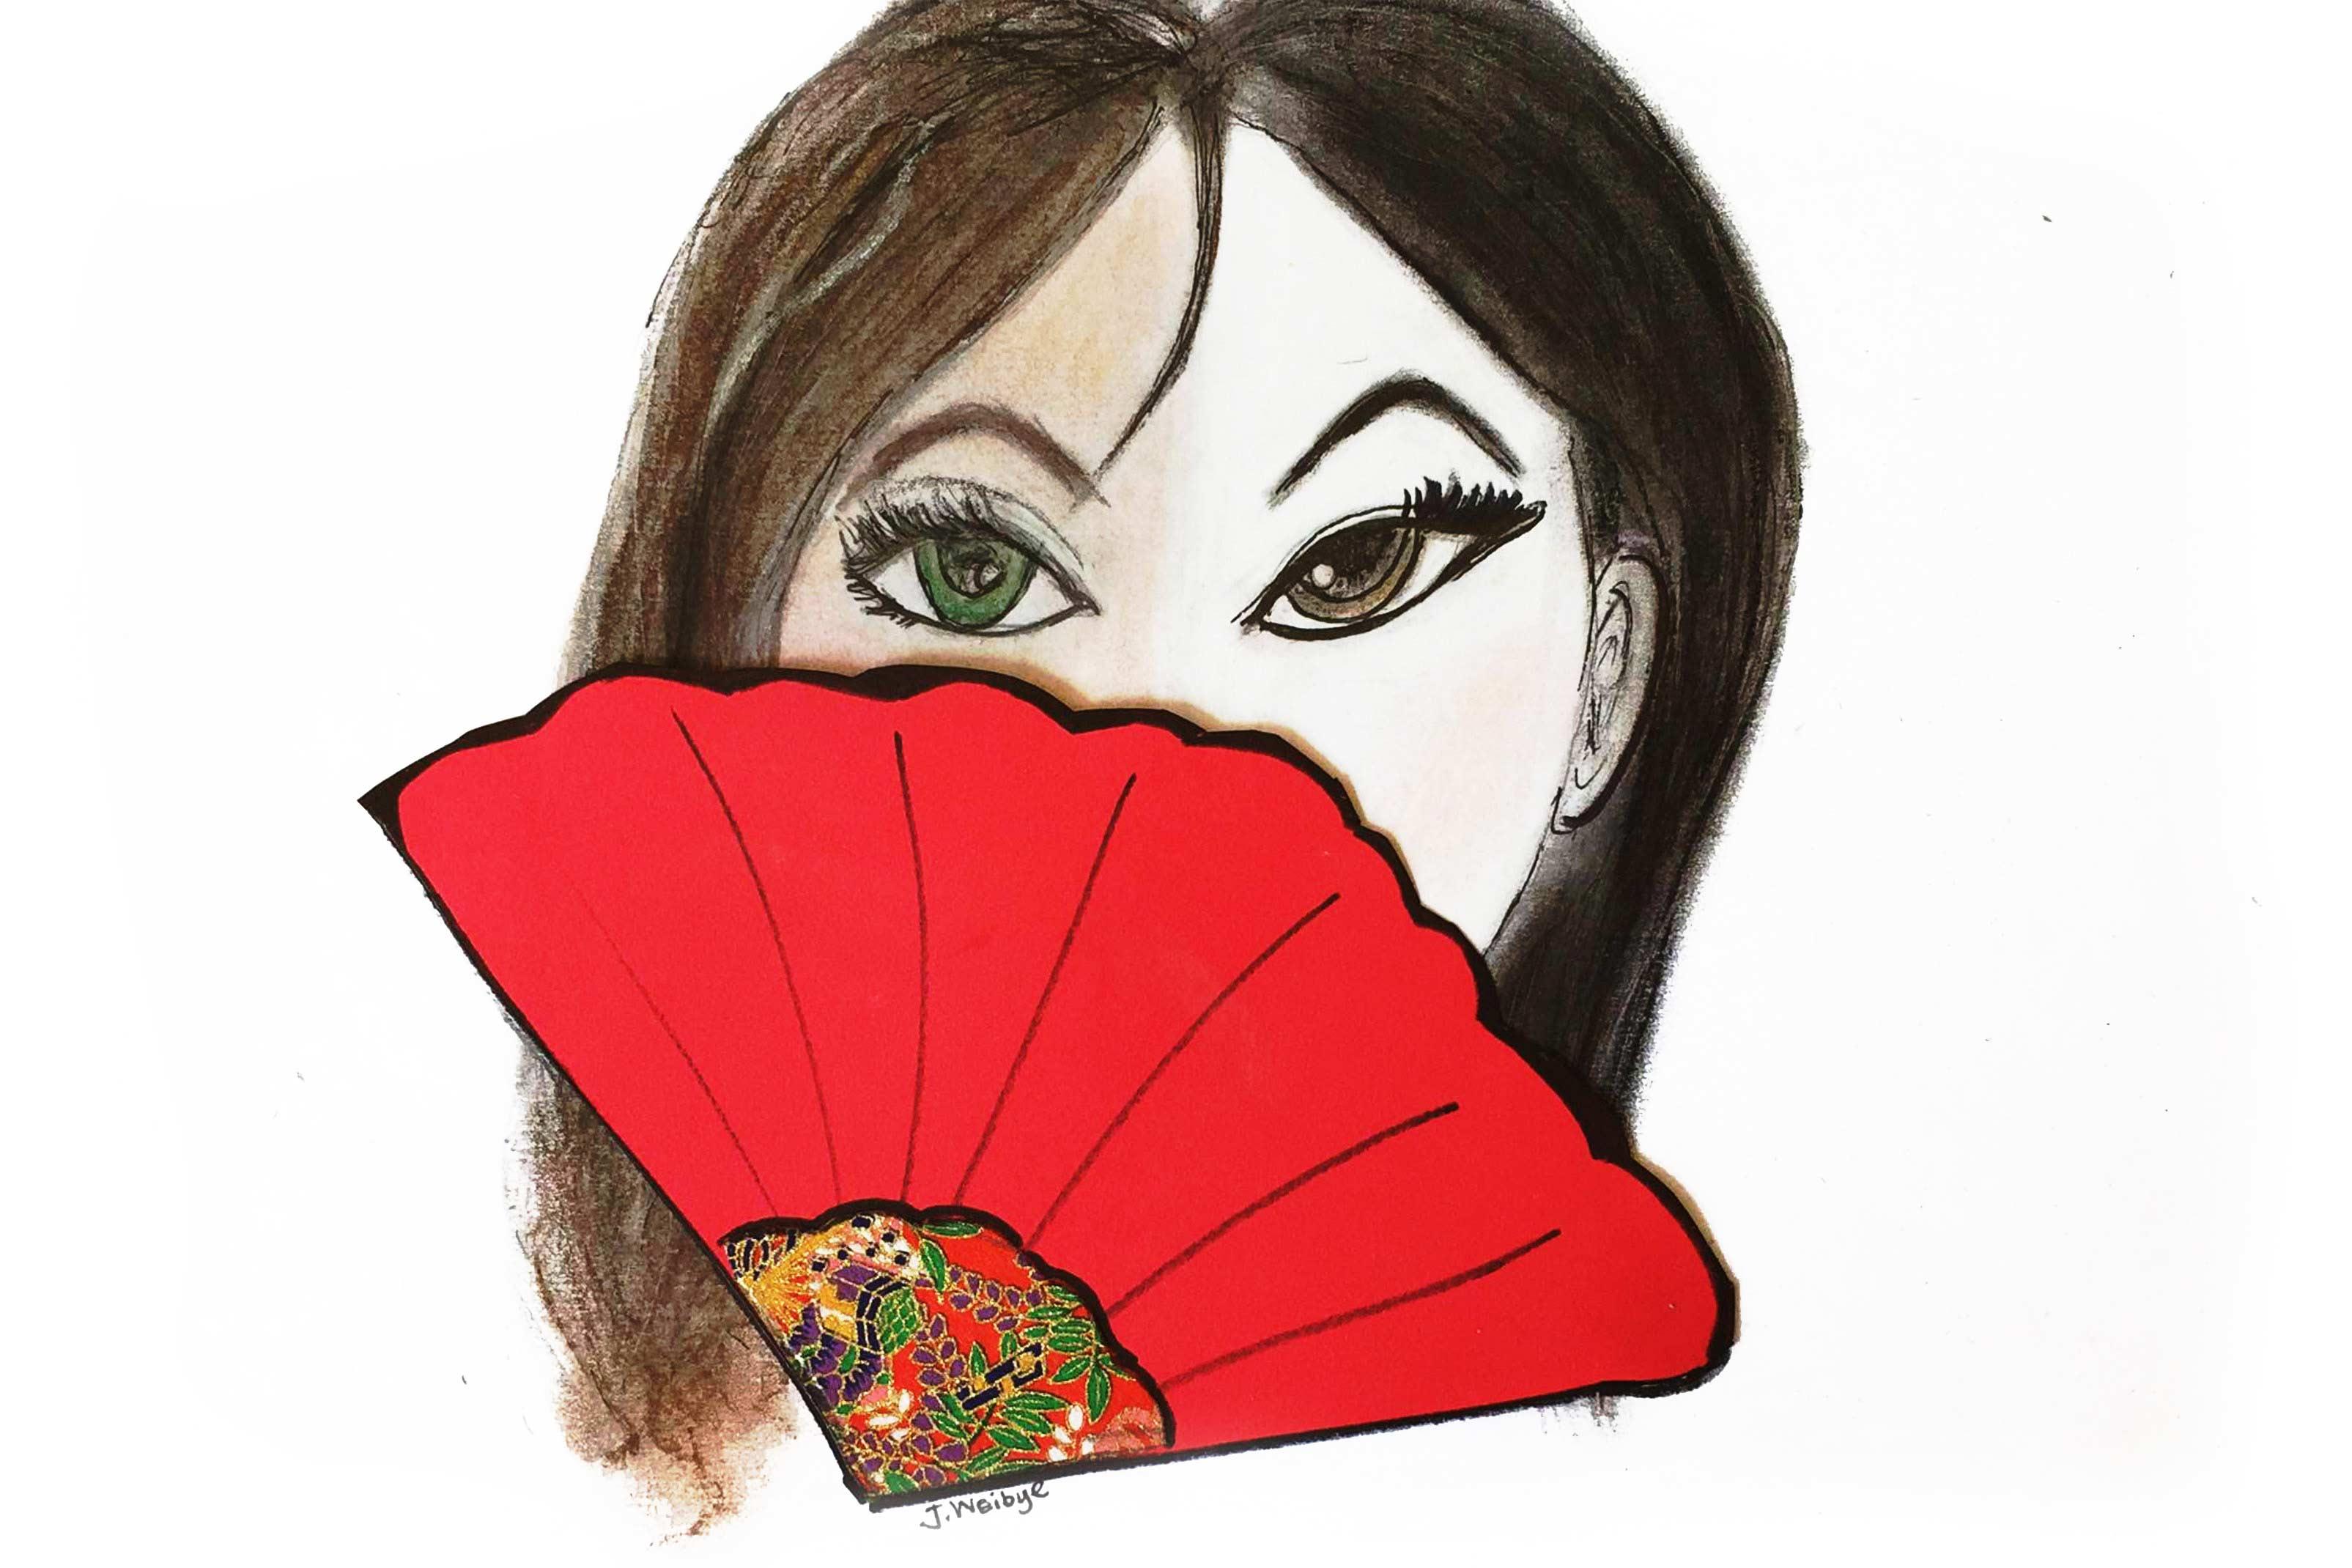 Illustration by Jacqueline Weibye